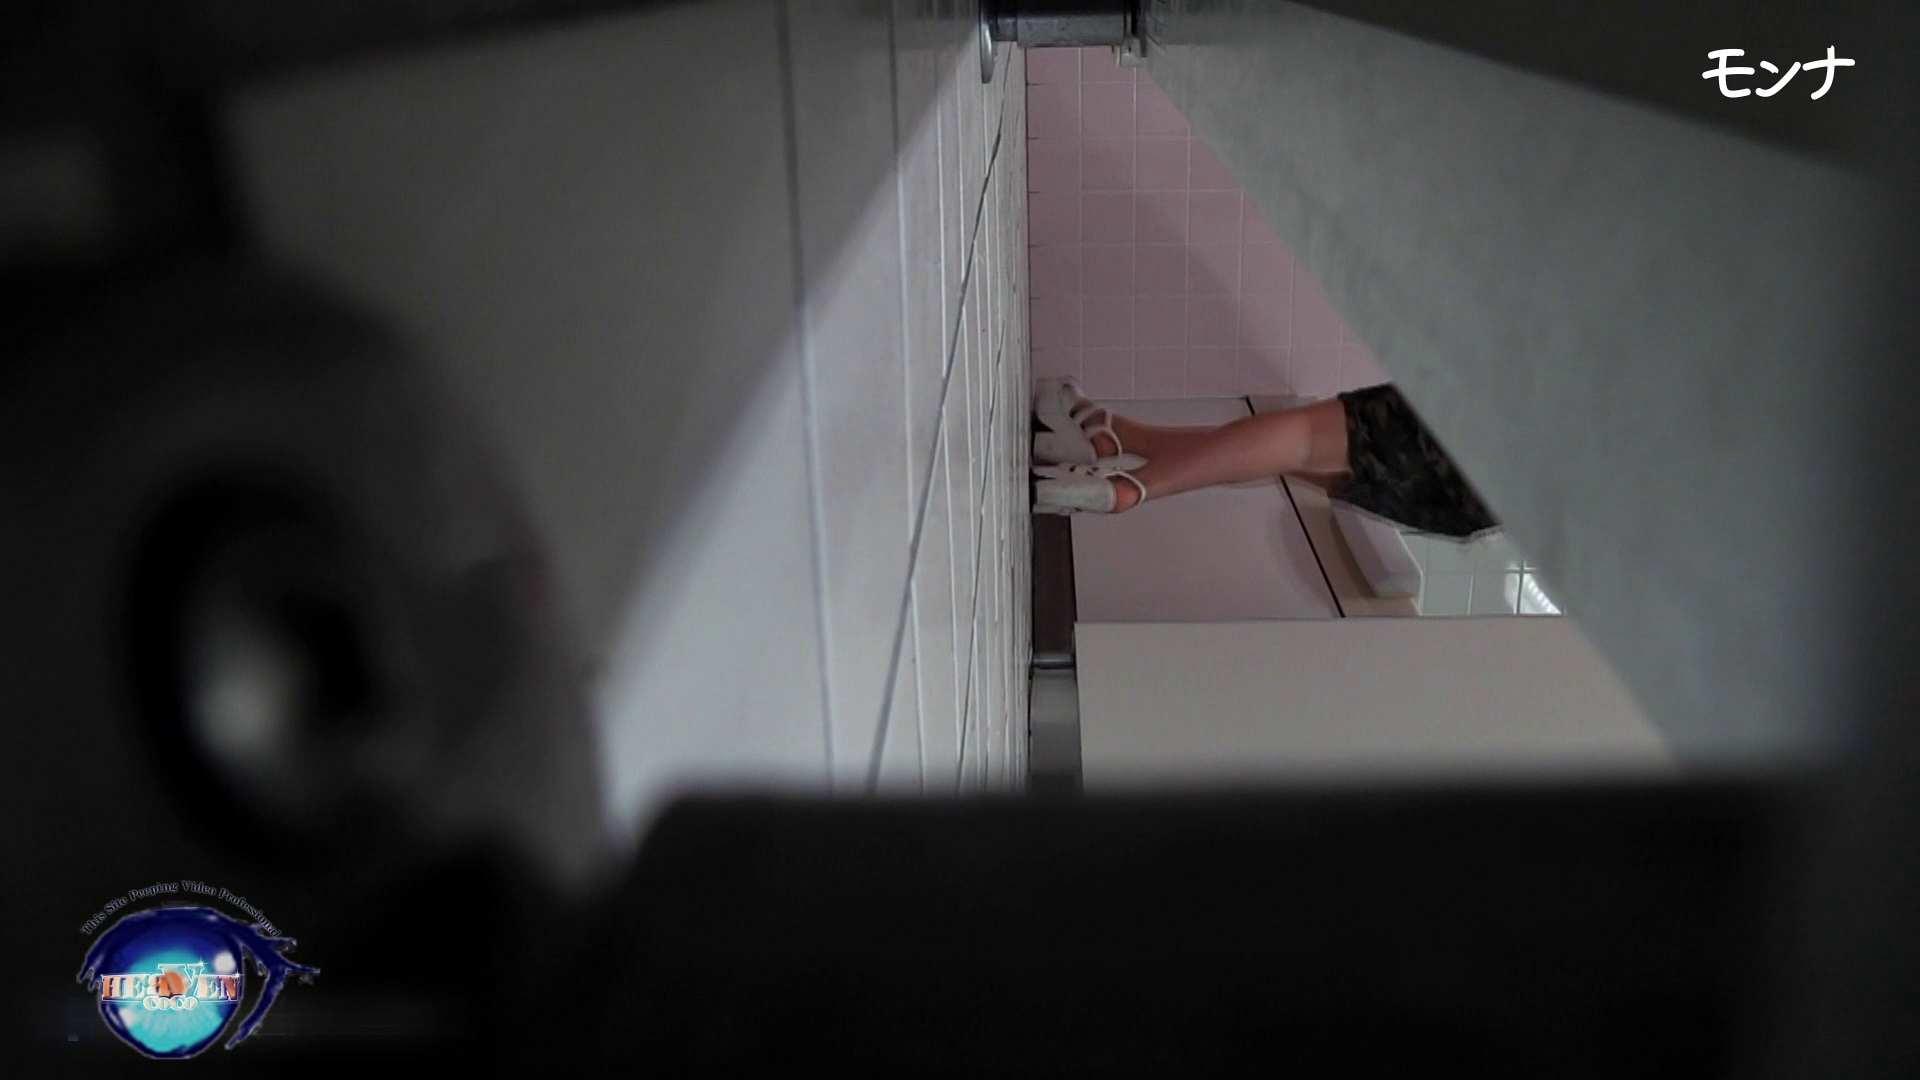 【美しい日本の未来】美しい日本の未来 No.74 無修正マンコ オメコ動画キャプチャ 110連発 32